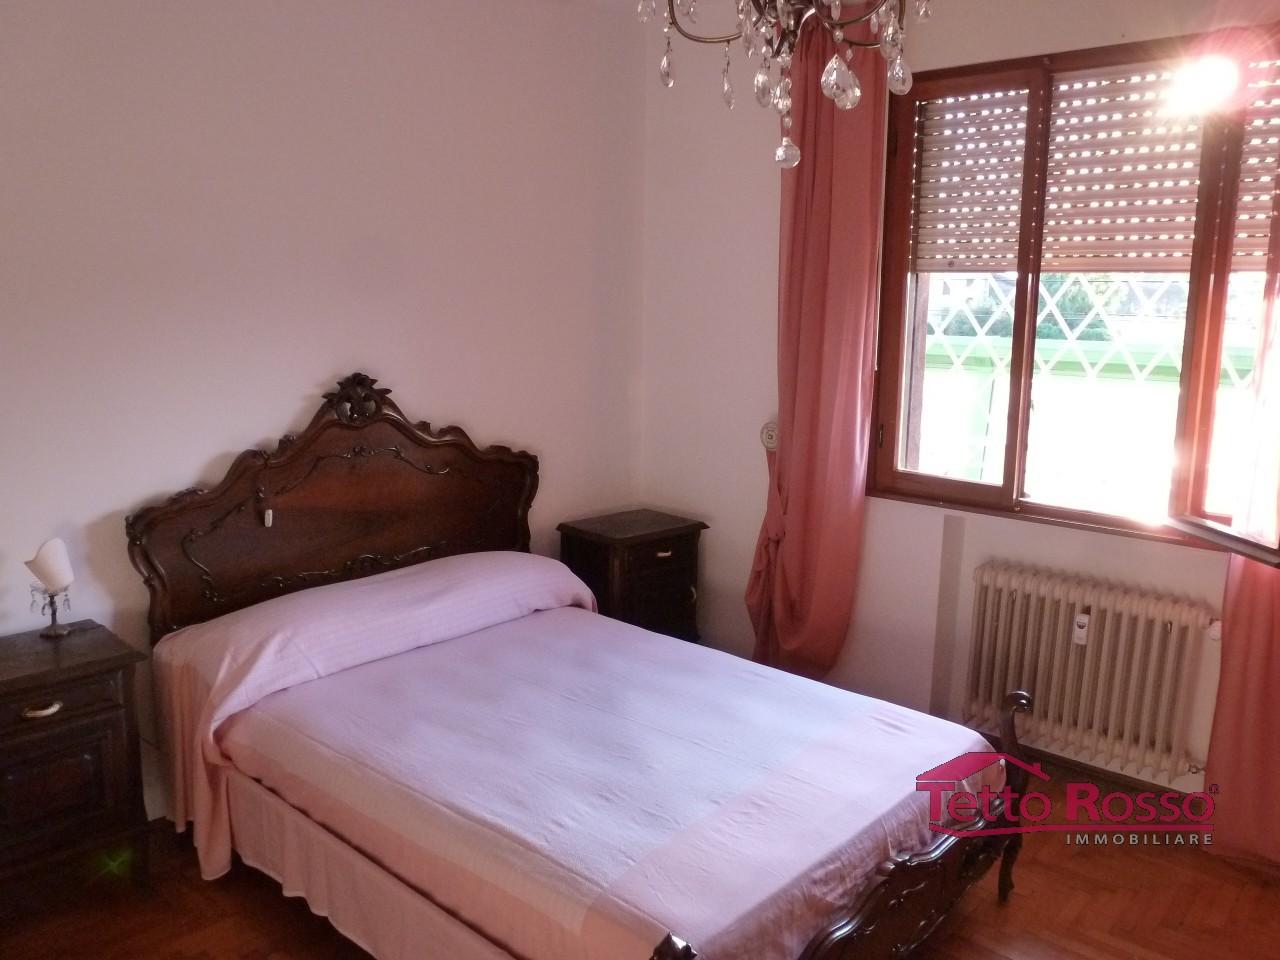 Appartamento per studenti con tre camere da letto